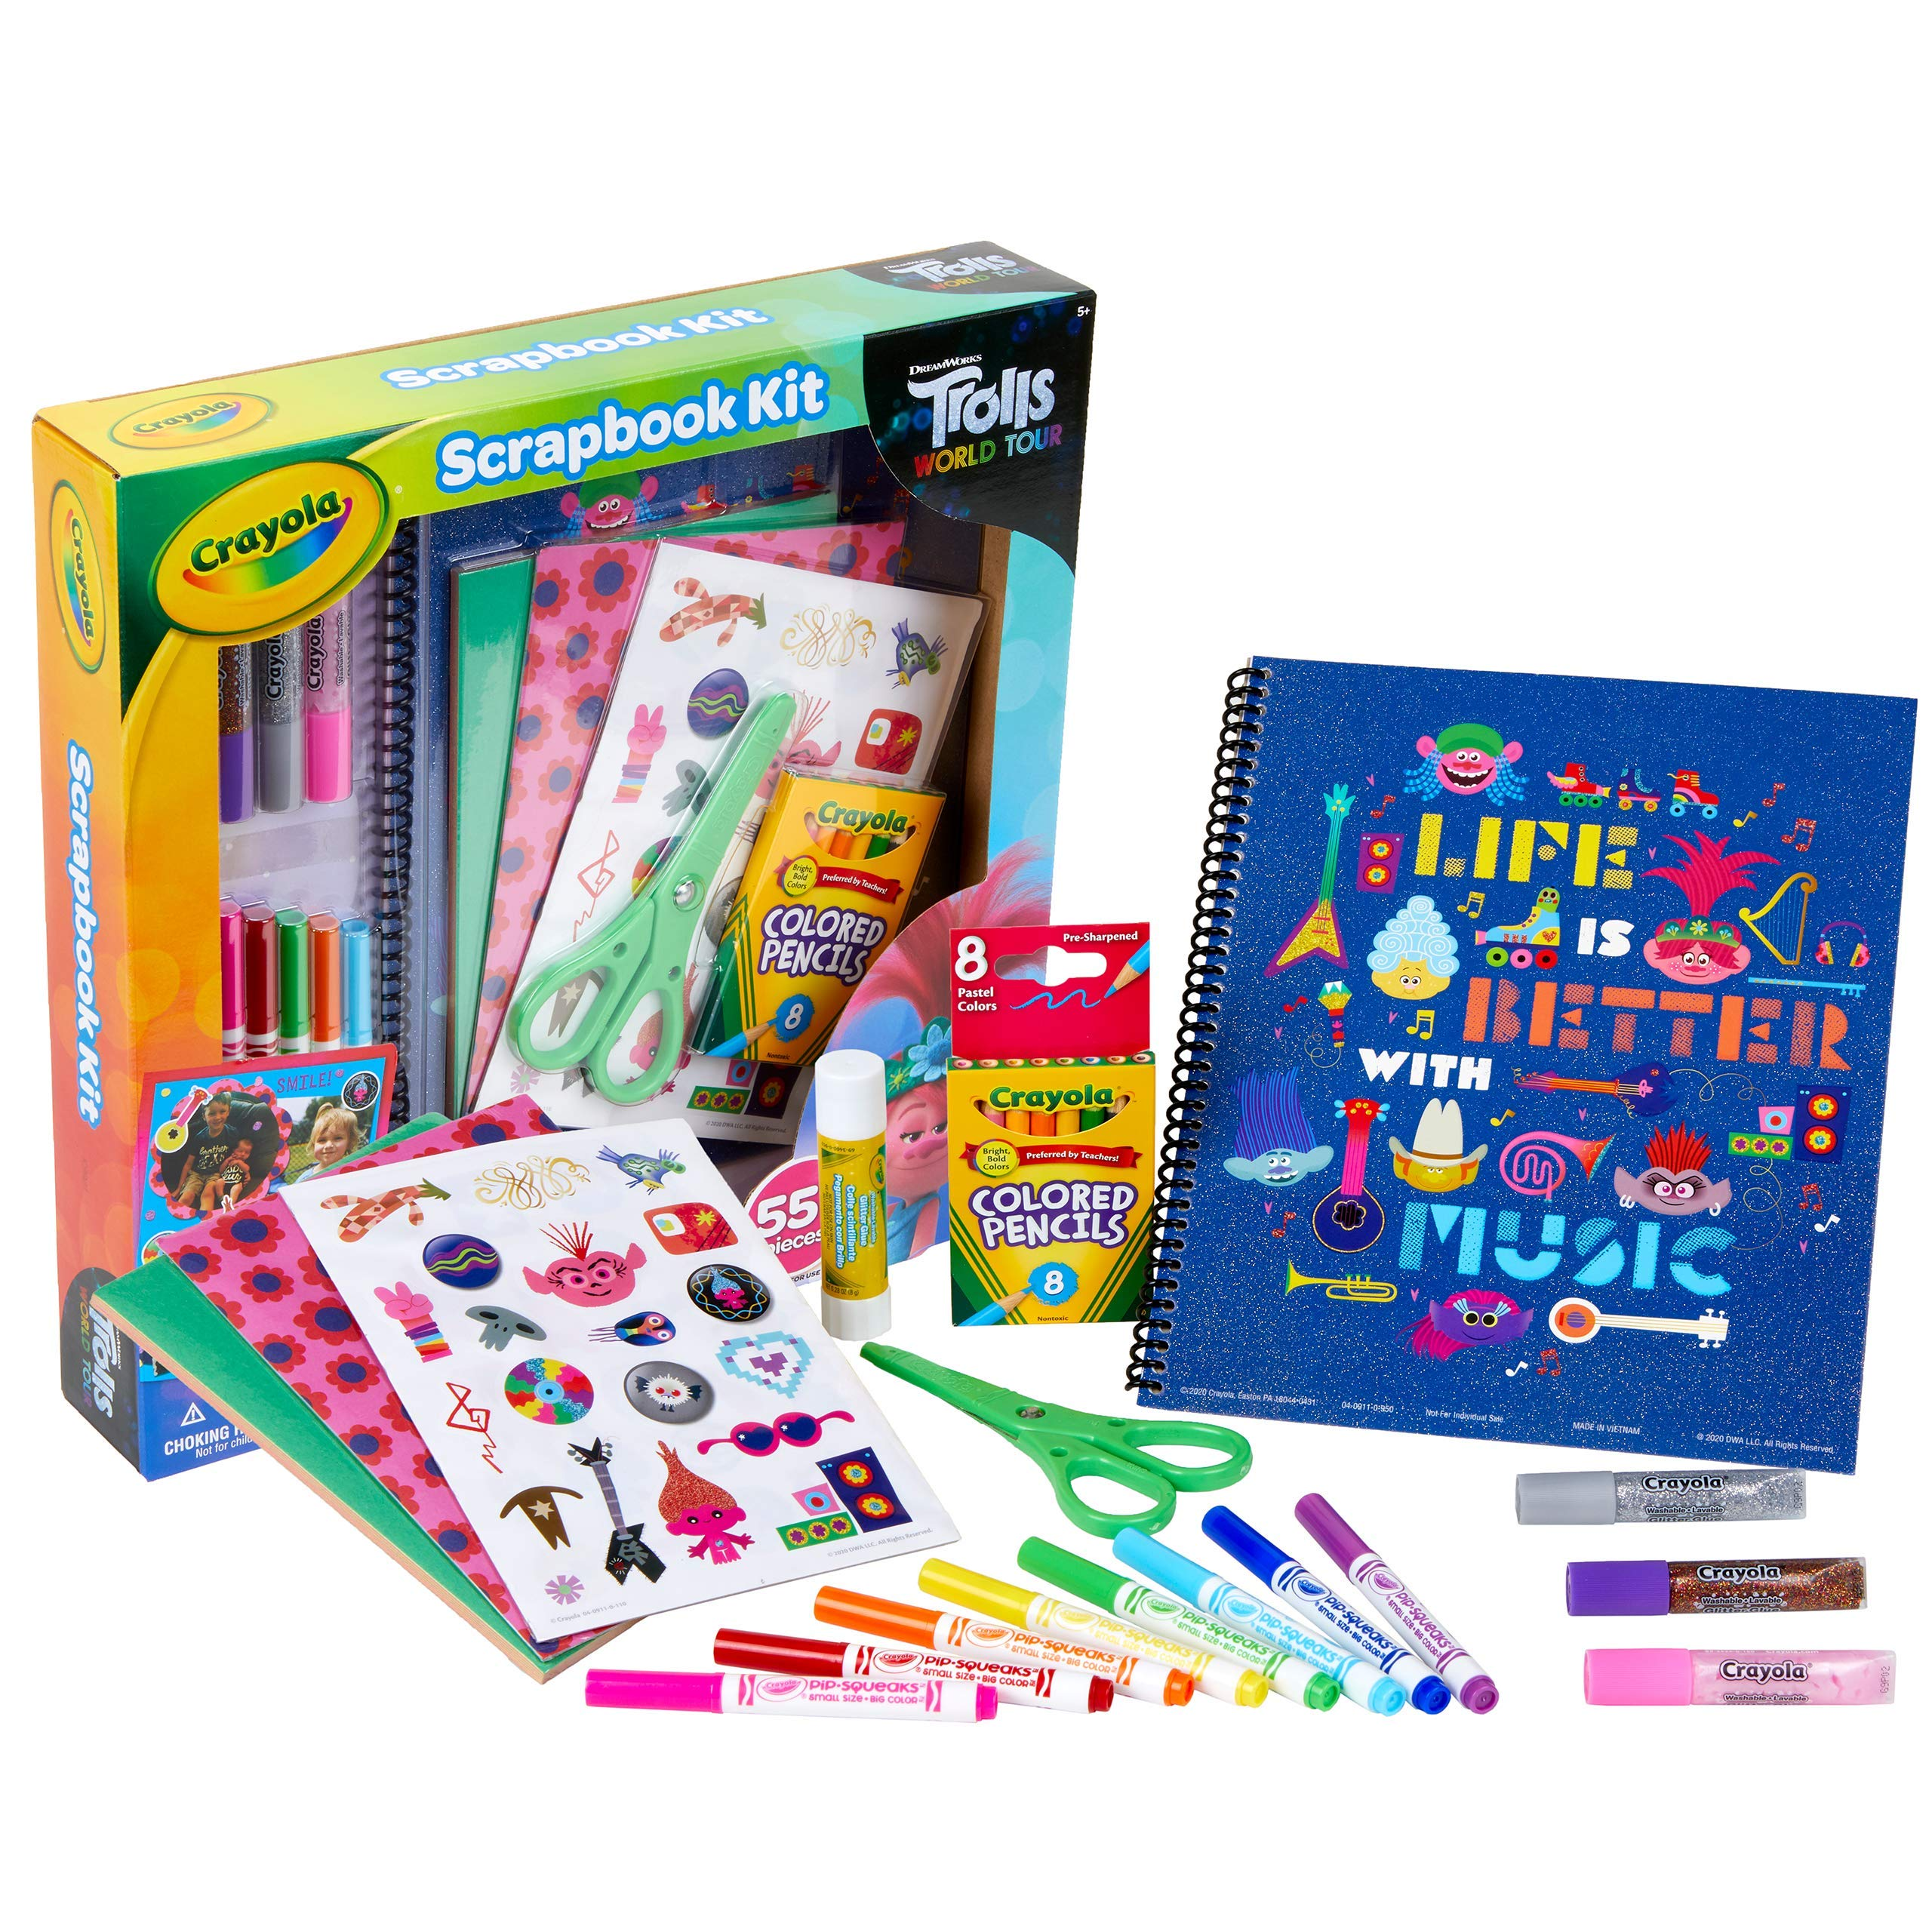 Crayola Trolls World Tour, Scrapbook Kit, Trolls 2, Over 60 Art Supplies, Gift for Kids, 5, 6, 7, 8